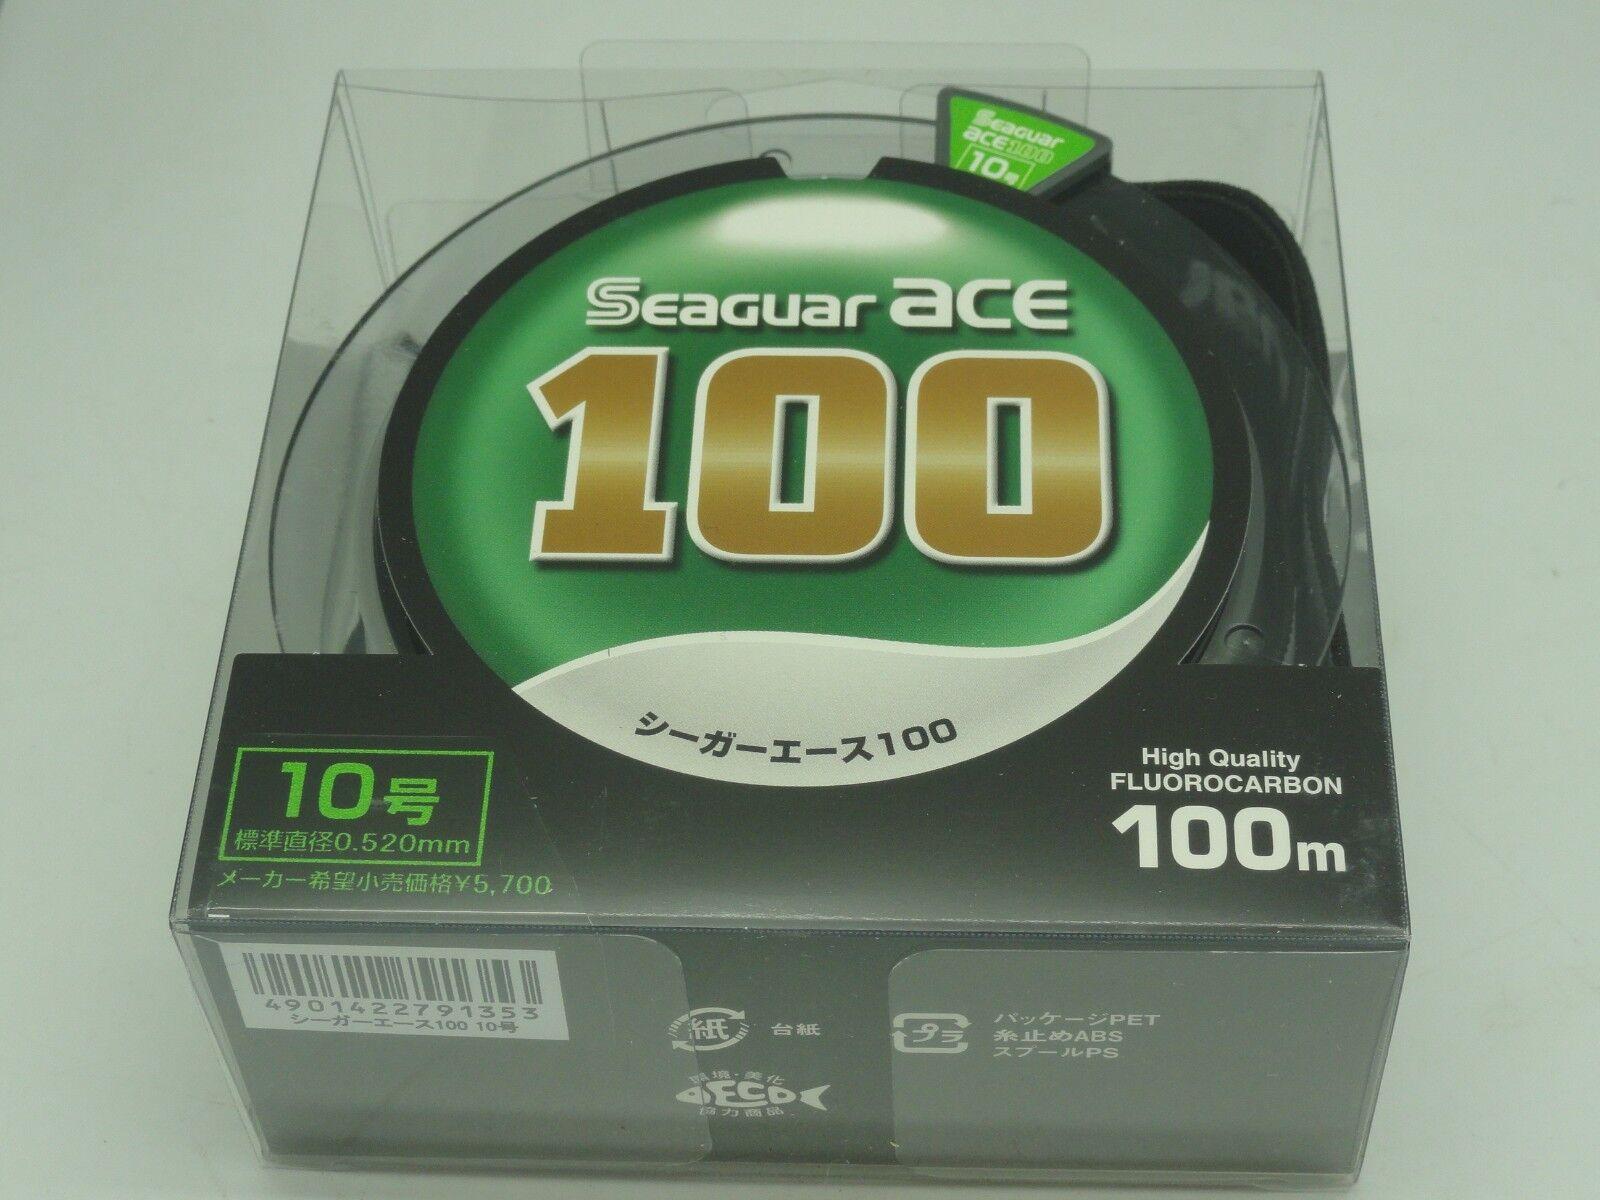 SEAGUAR verde Label U.S ACE 100% FLUOROCARBON Leader Japan   10 U.S Label 35 lb 100m/110yd 0eee01